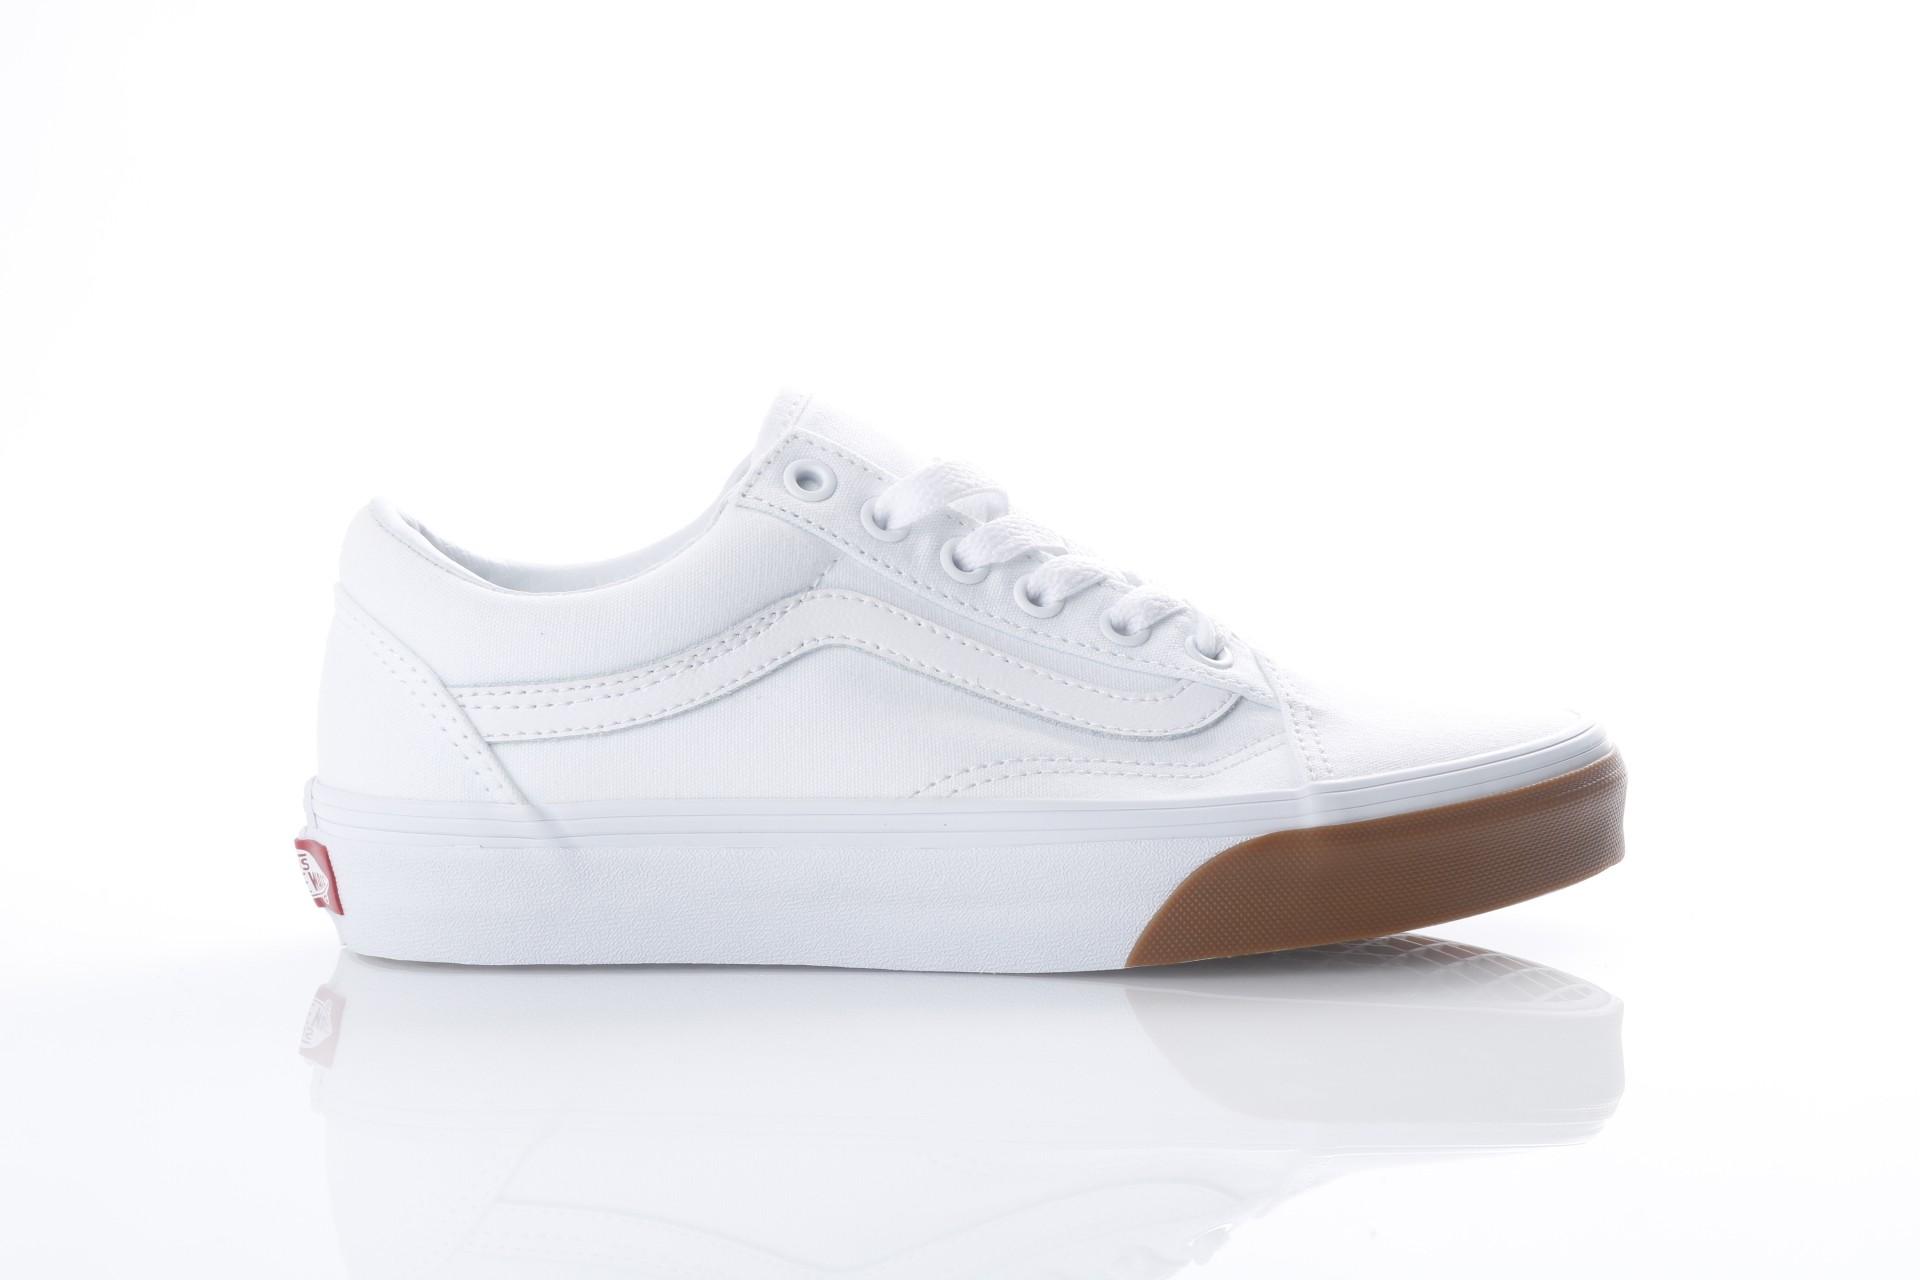 Afbeelding van Vans Classics VA38G1-Q8R Sneakers Old skool Bruin